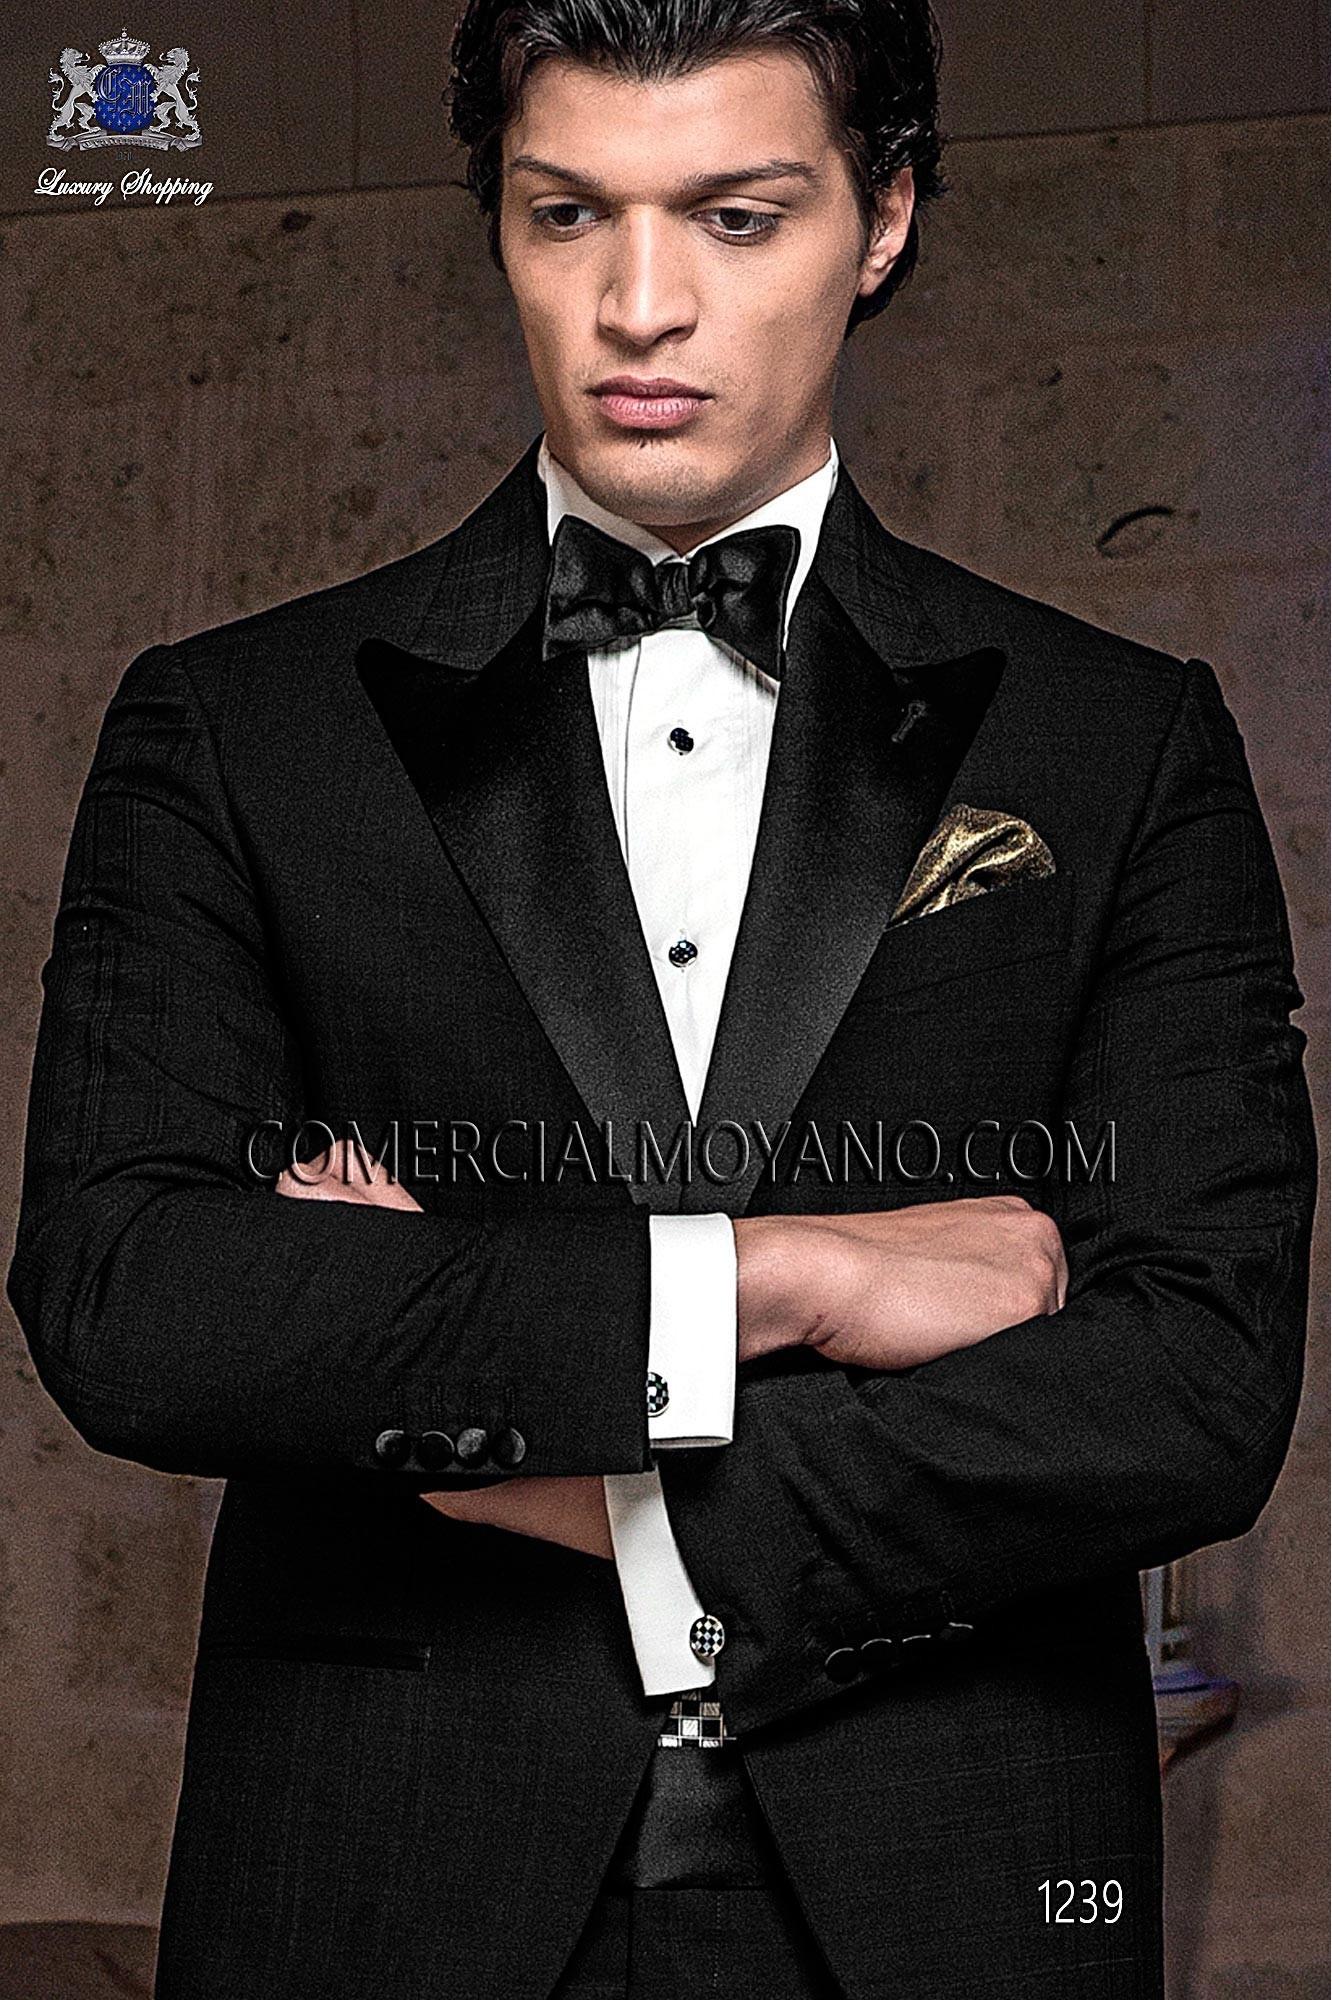 Italian blacktie Black men wedding suit, model: 1239 Ottavio Nuccio Gala Black Tie Collection